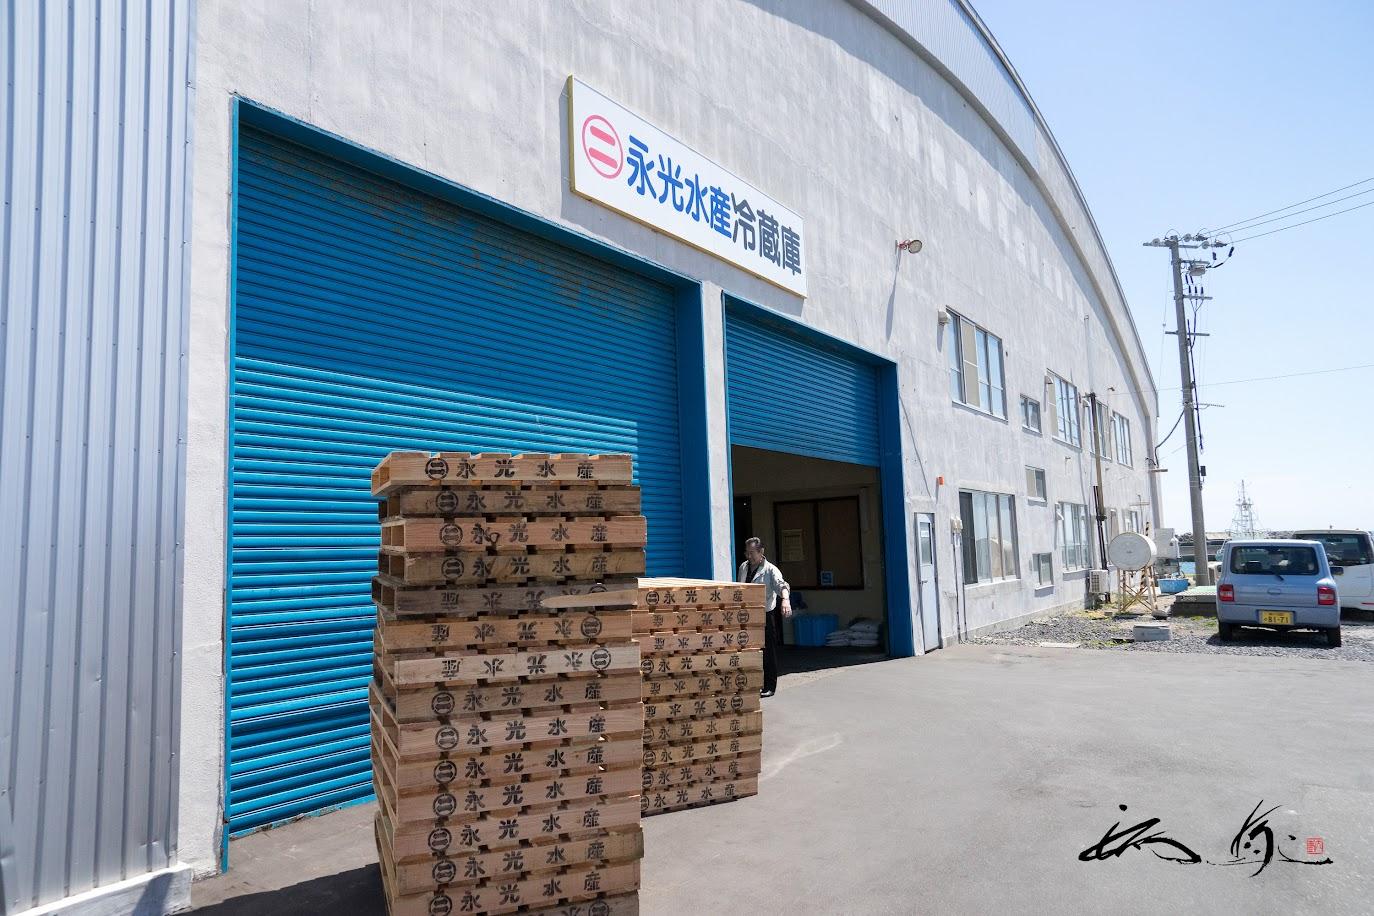 丸二永光水産の冷凍施設